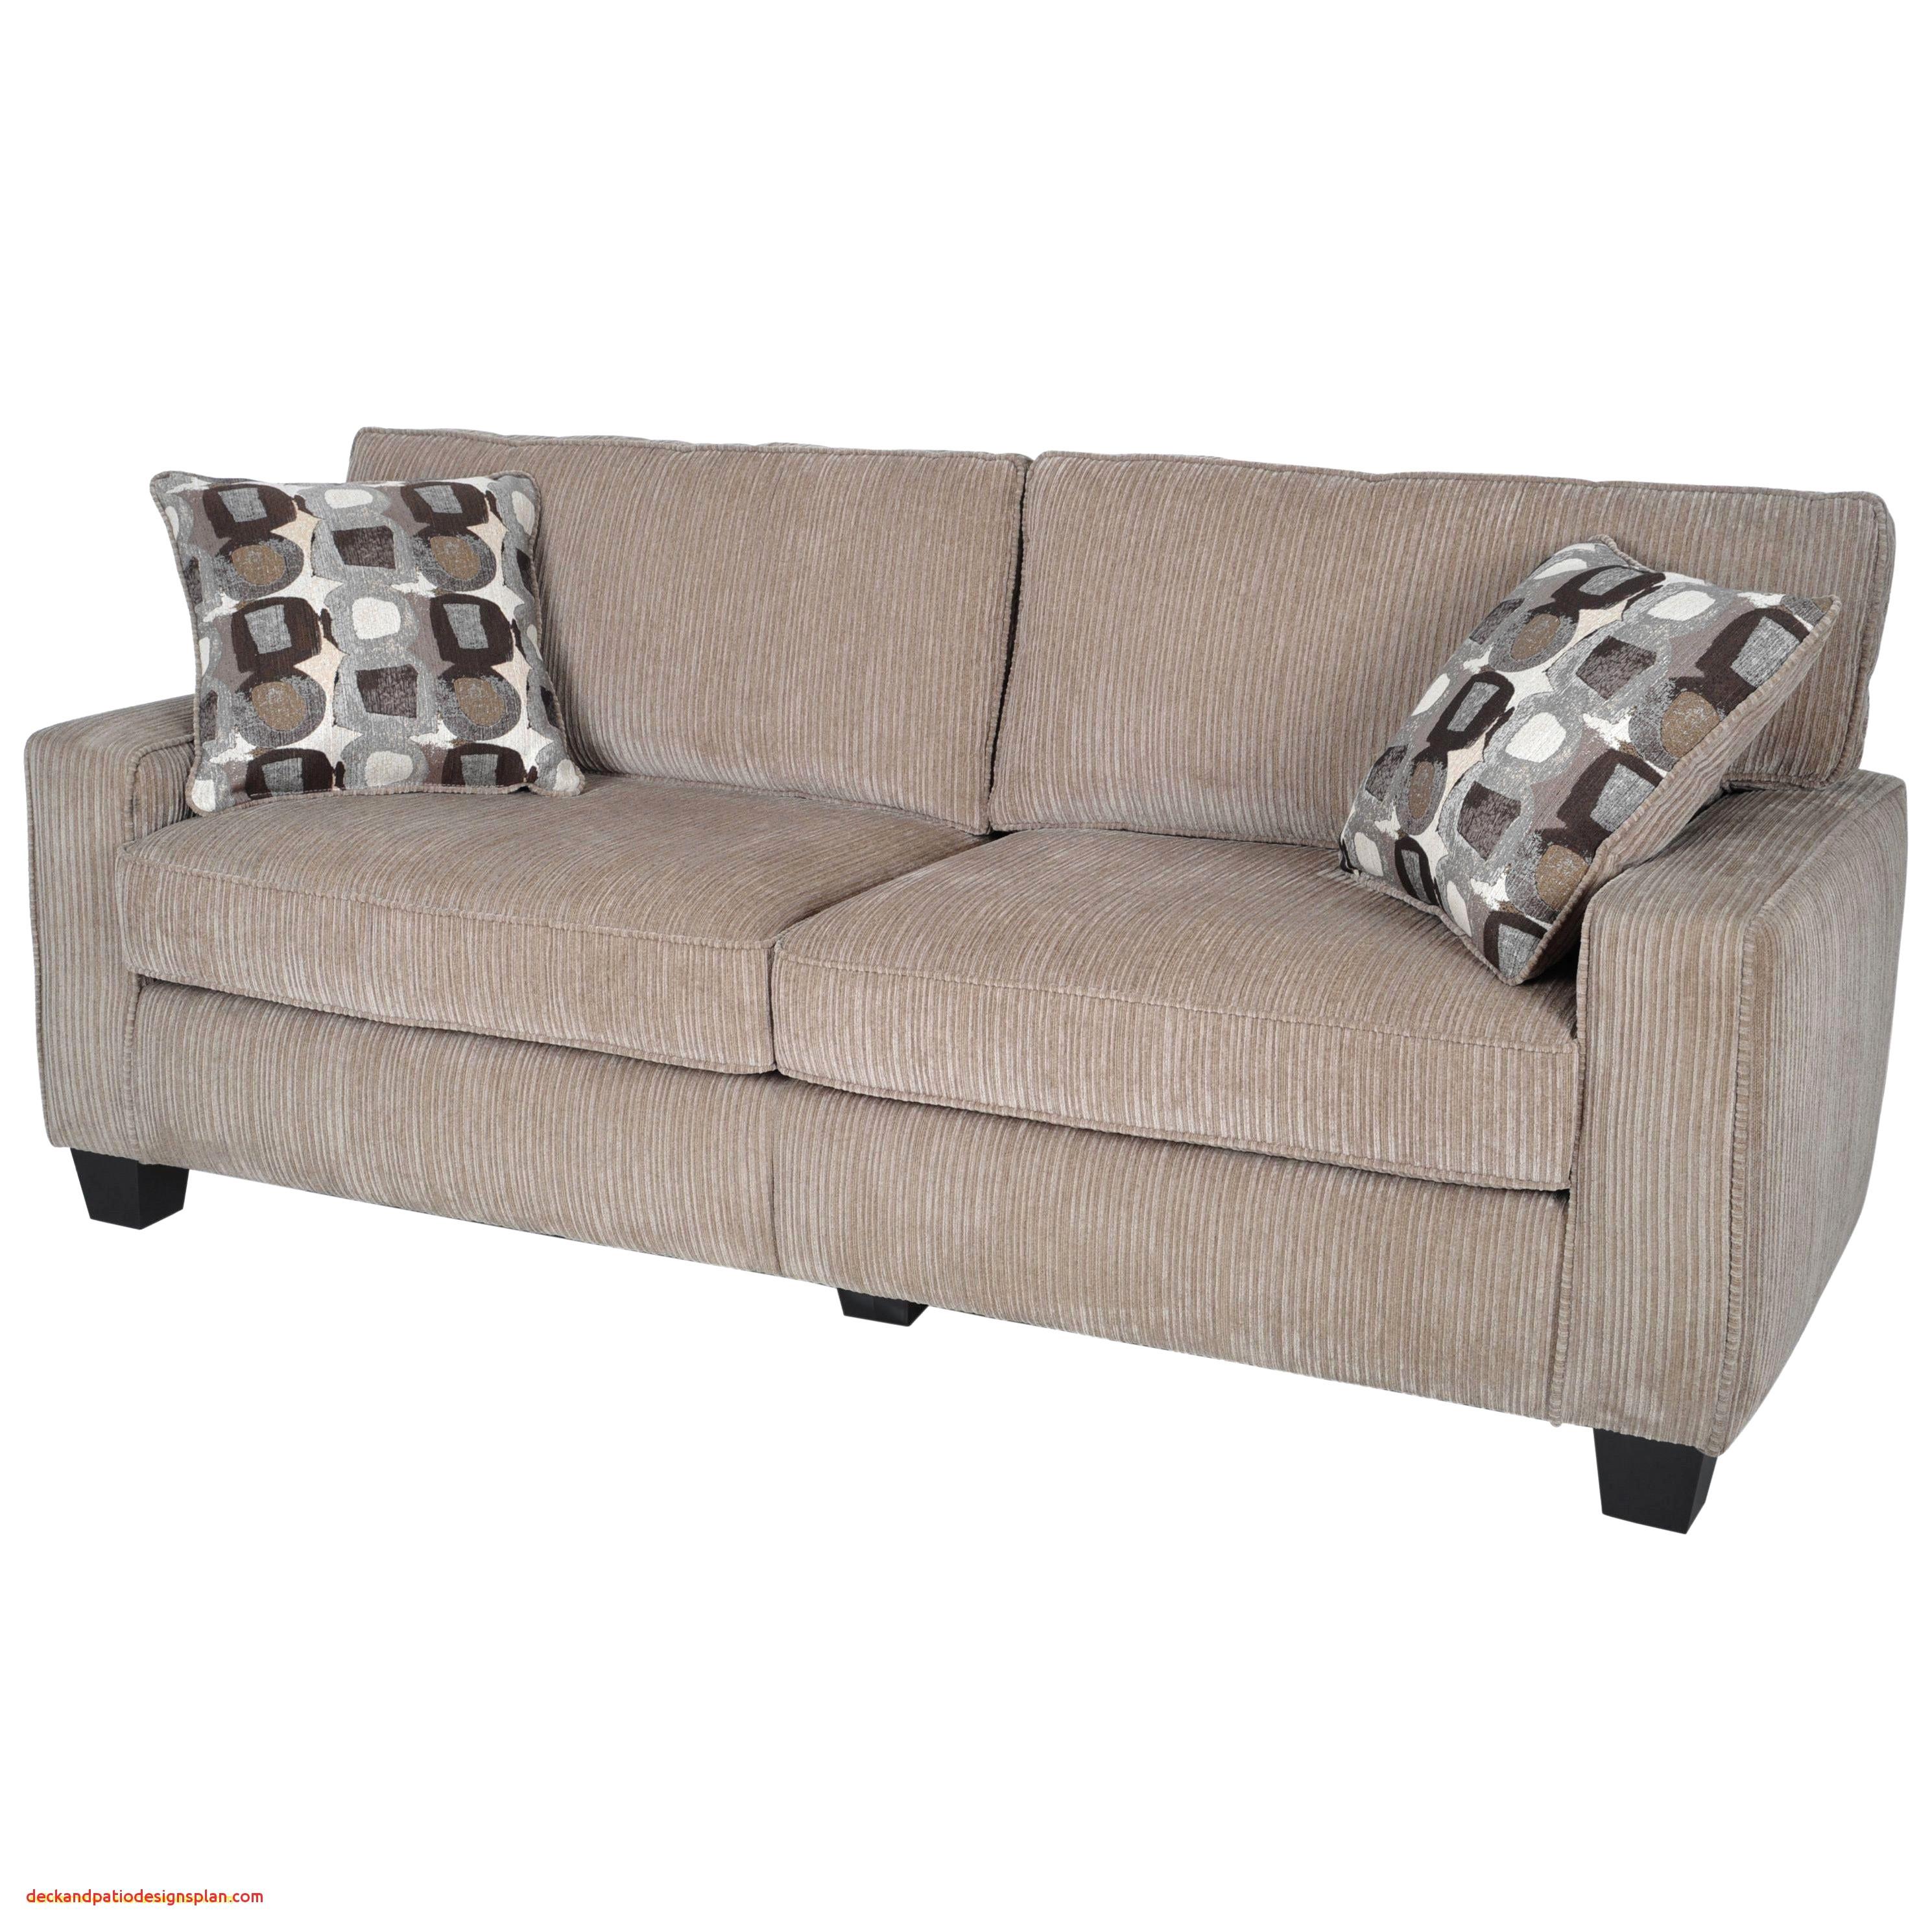 ikea sofa beige beste 51 inspirational ikea norsborg sofa 51 s sammlung